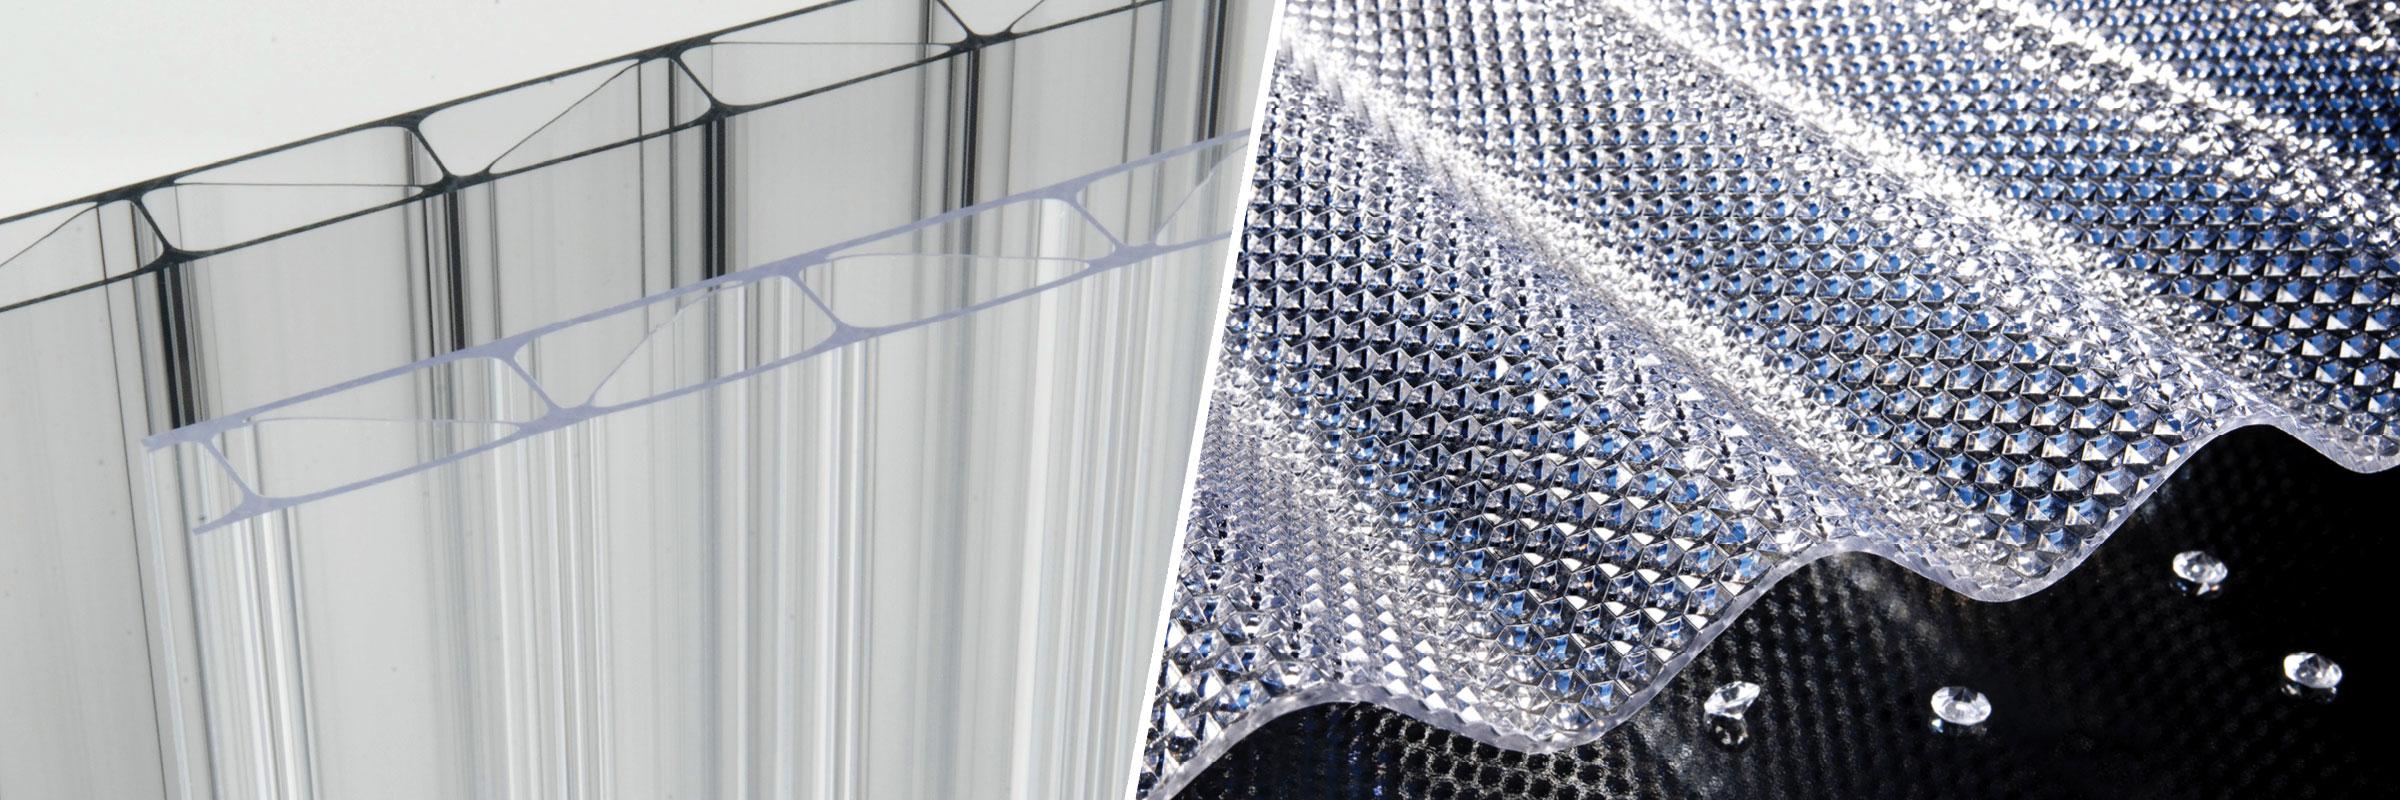 FriSun PC Premium Stegplatten Und FriCarb Forte Wellplatten Aus Polycarbonat Schlagfest Hagelsicher